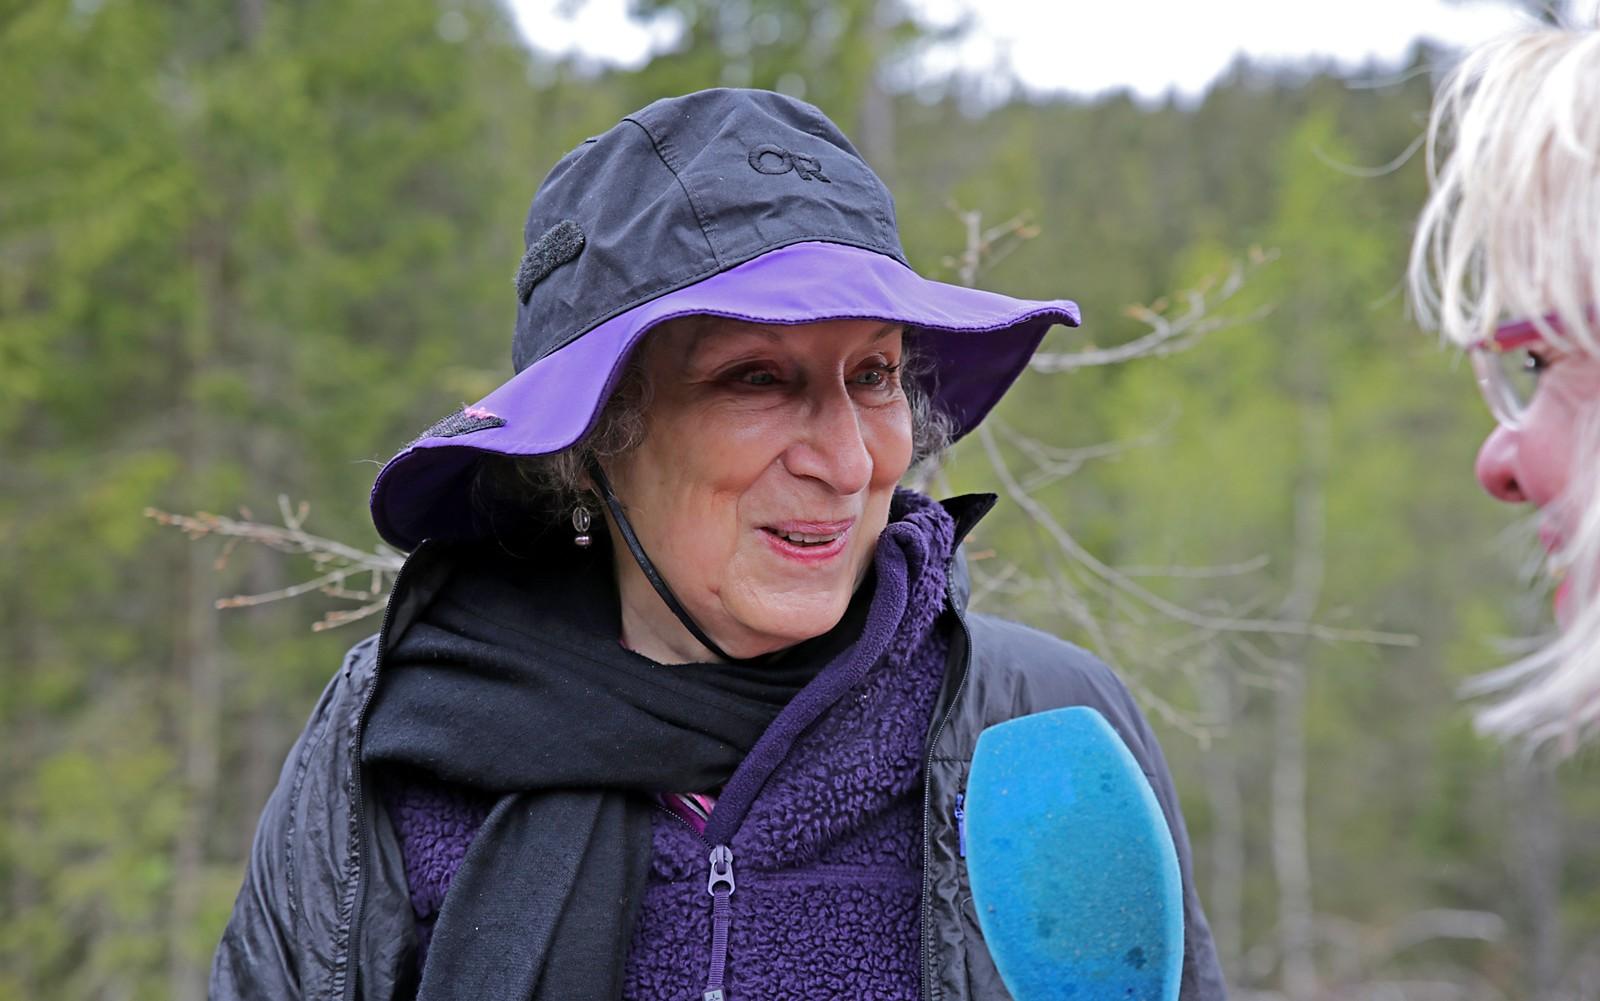 Atwood har voktet det unike manuset lenge. Nå har hun gitt det fra seg. Hva det handler om, vil hun ikke fortelle til noen.